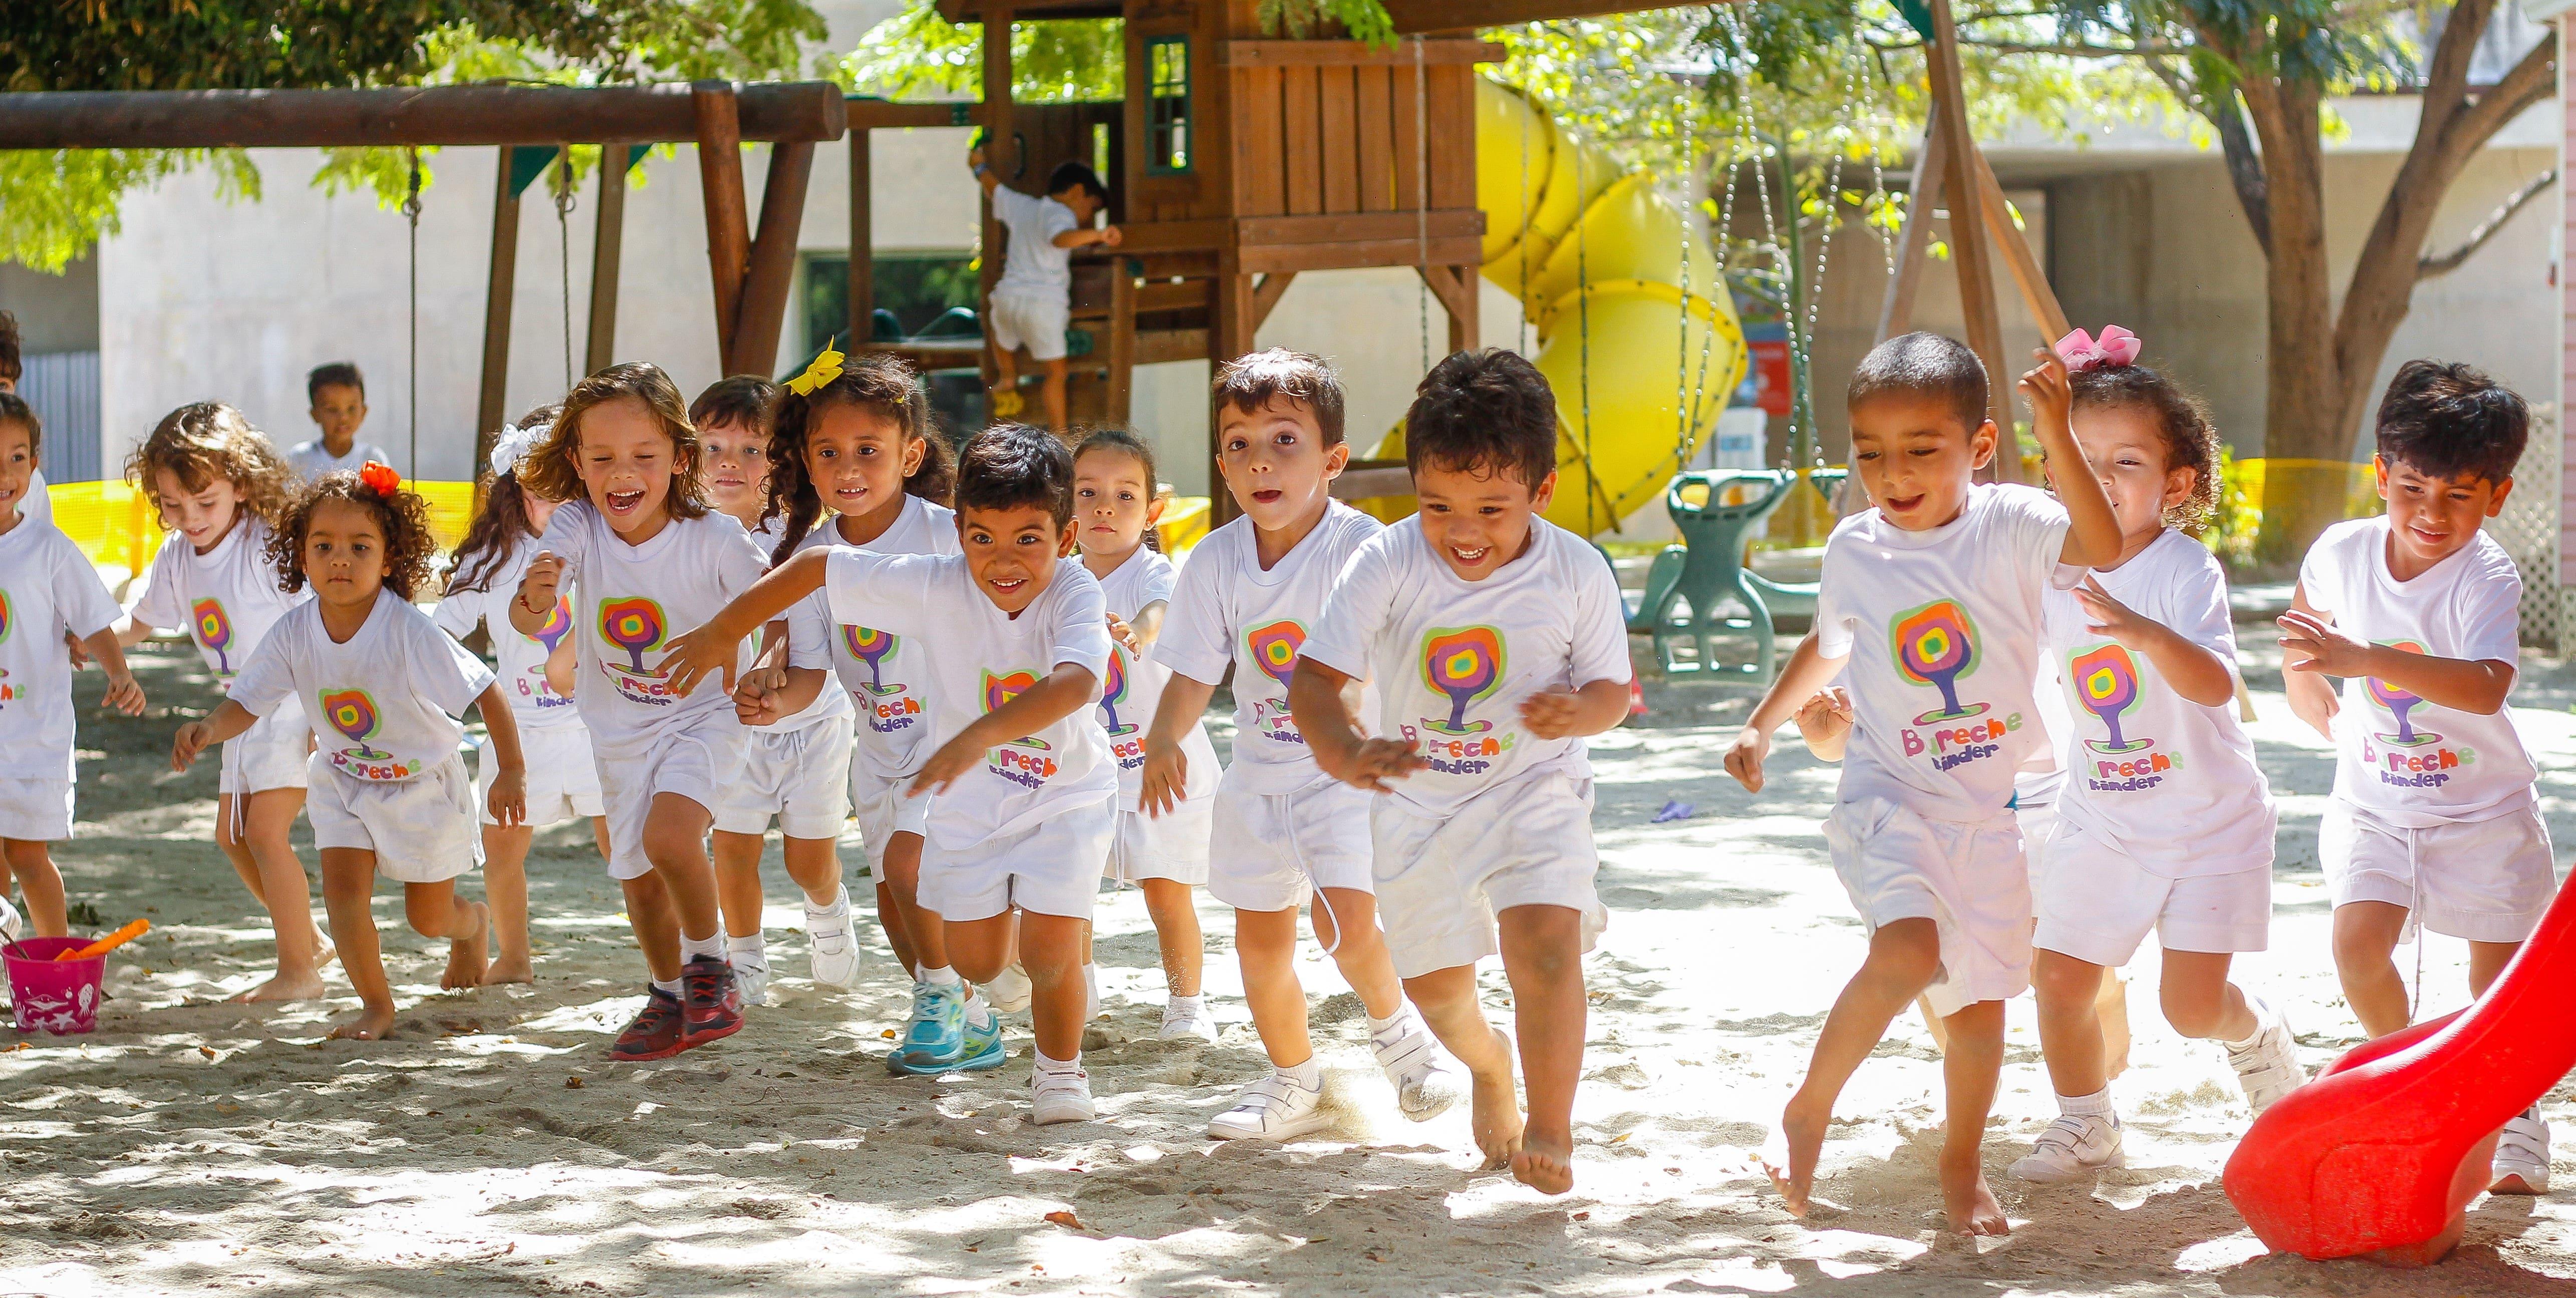 Beca educación garantizada protección niños